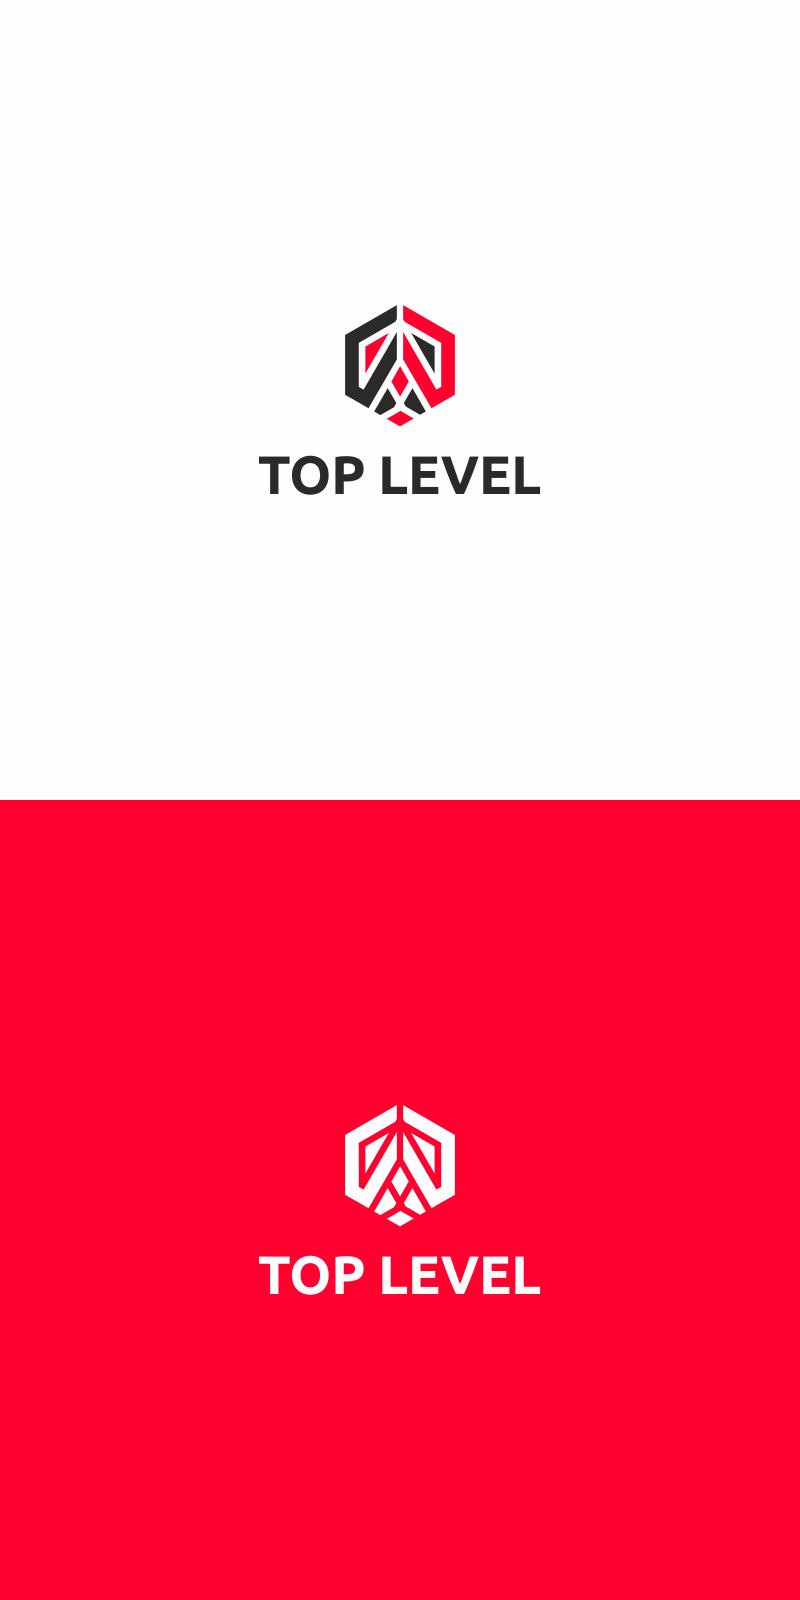 Разработка логотипа для тюнинг ателье фото f_6255f4bdbb1ee279.png